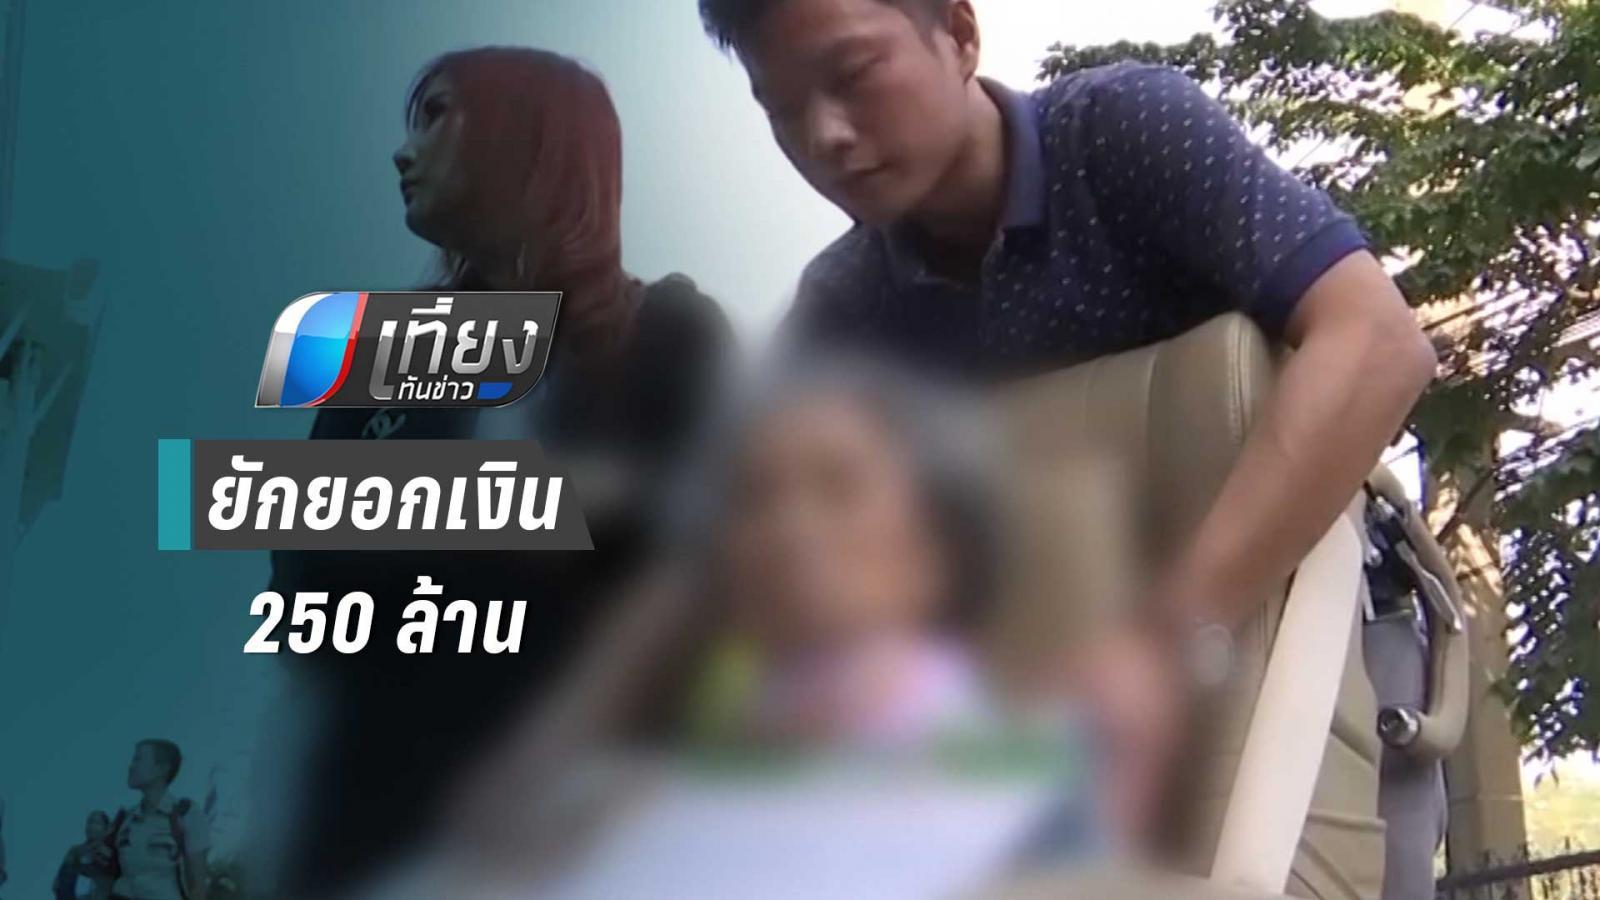 ทนายพาอาม่า 76 ปี ฟ้องแพ่งแบงค์ หลังลูก-พนง.แบงค์ ยักยอกเงินกว่า 250 ล้าน